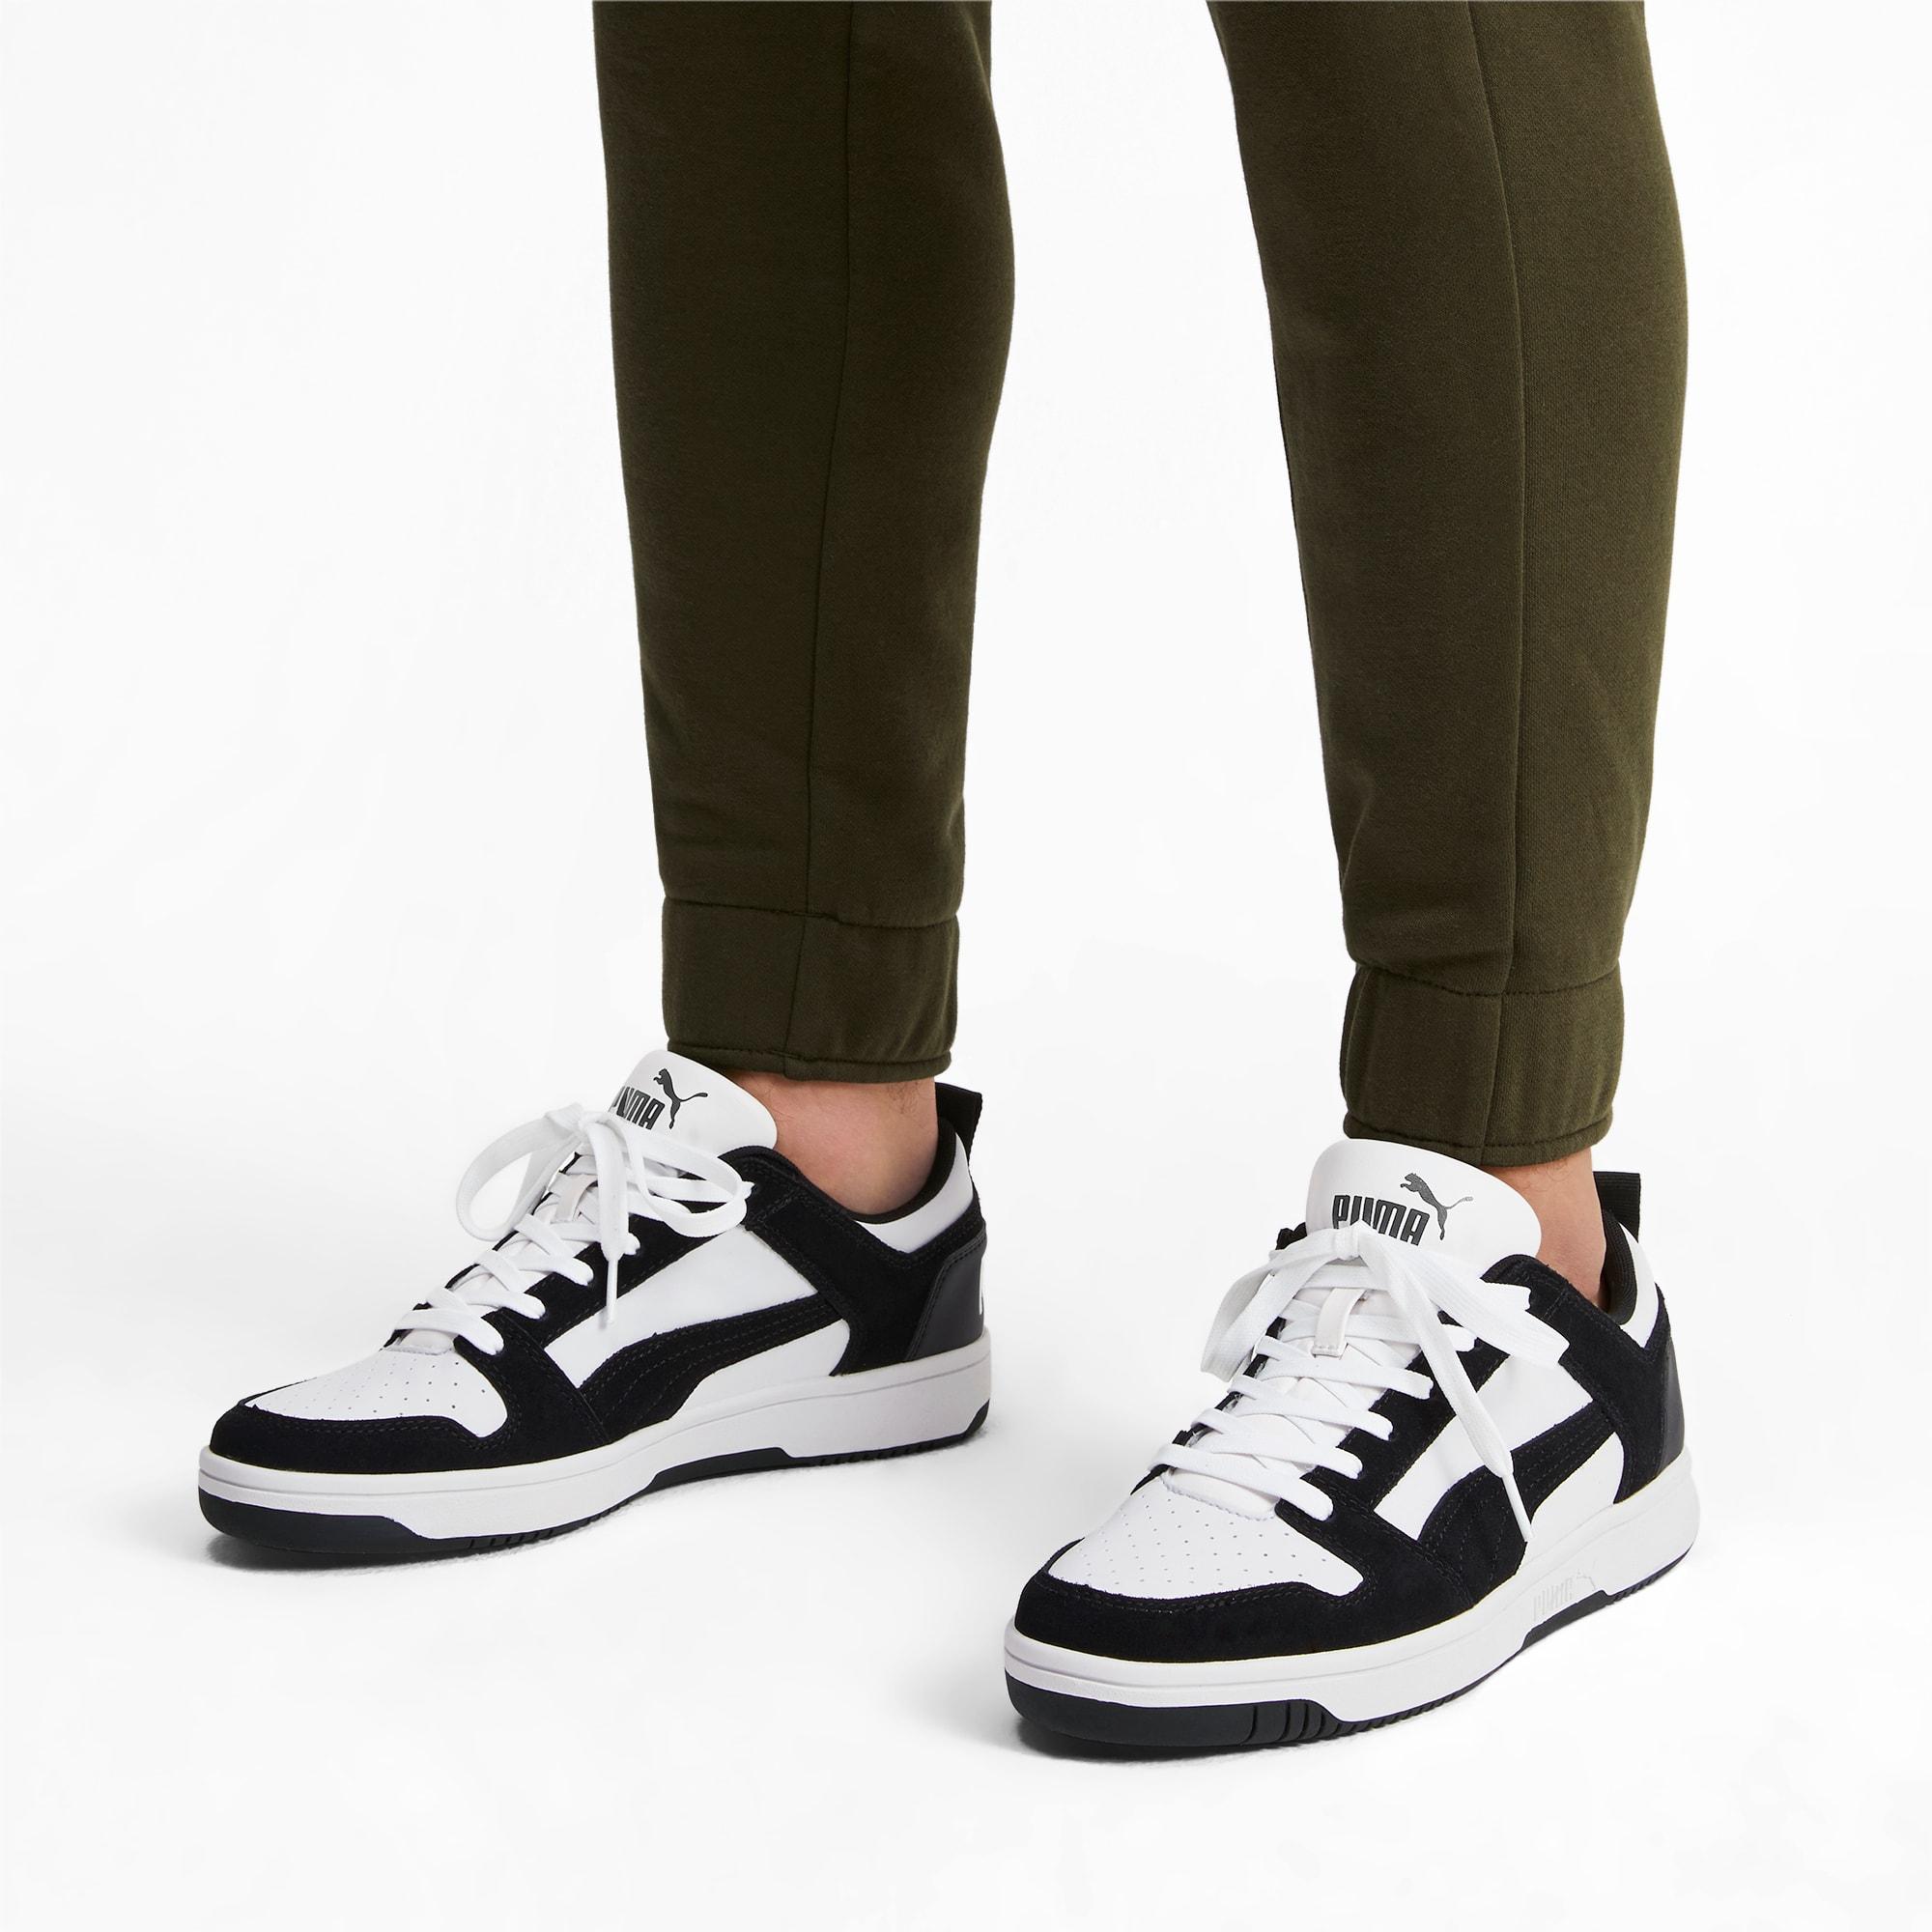 PUMA Rebound LayUp Lo Suede Men's Sneakers